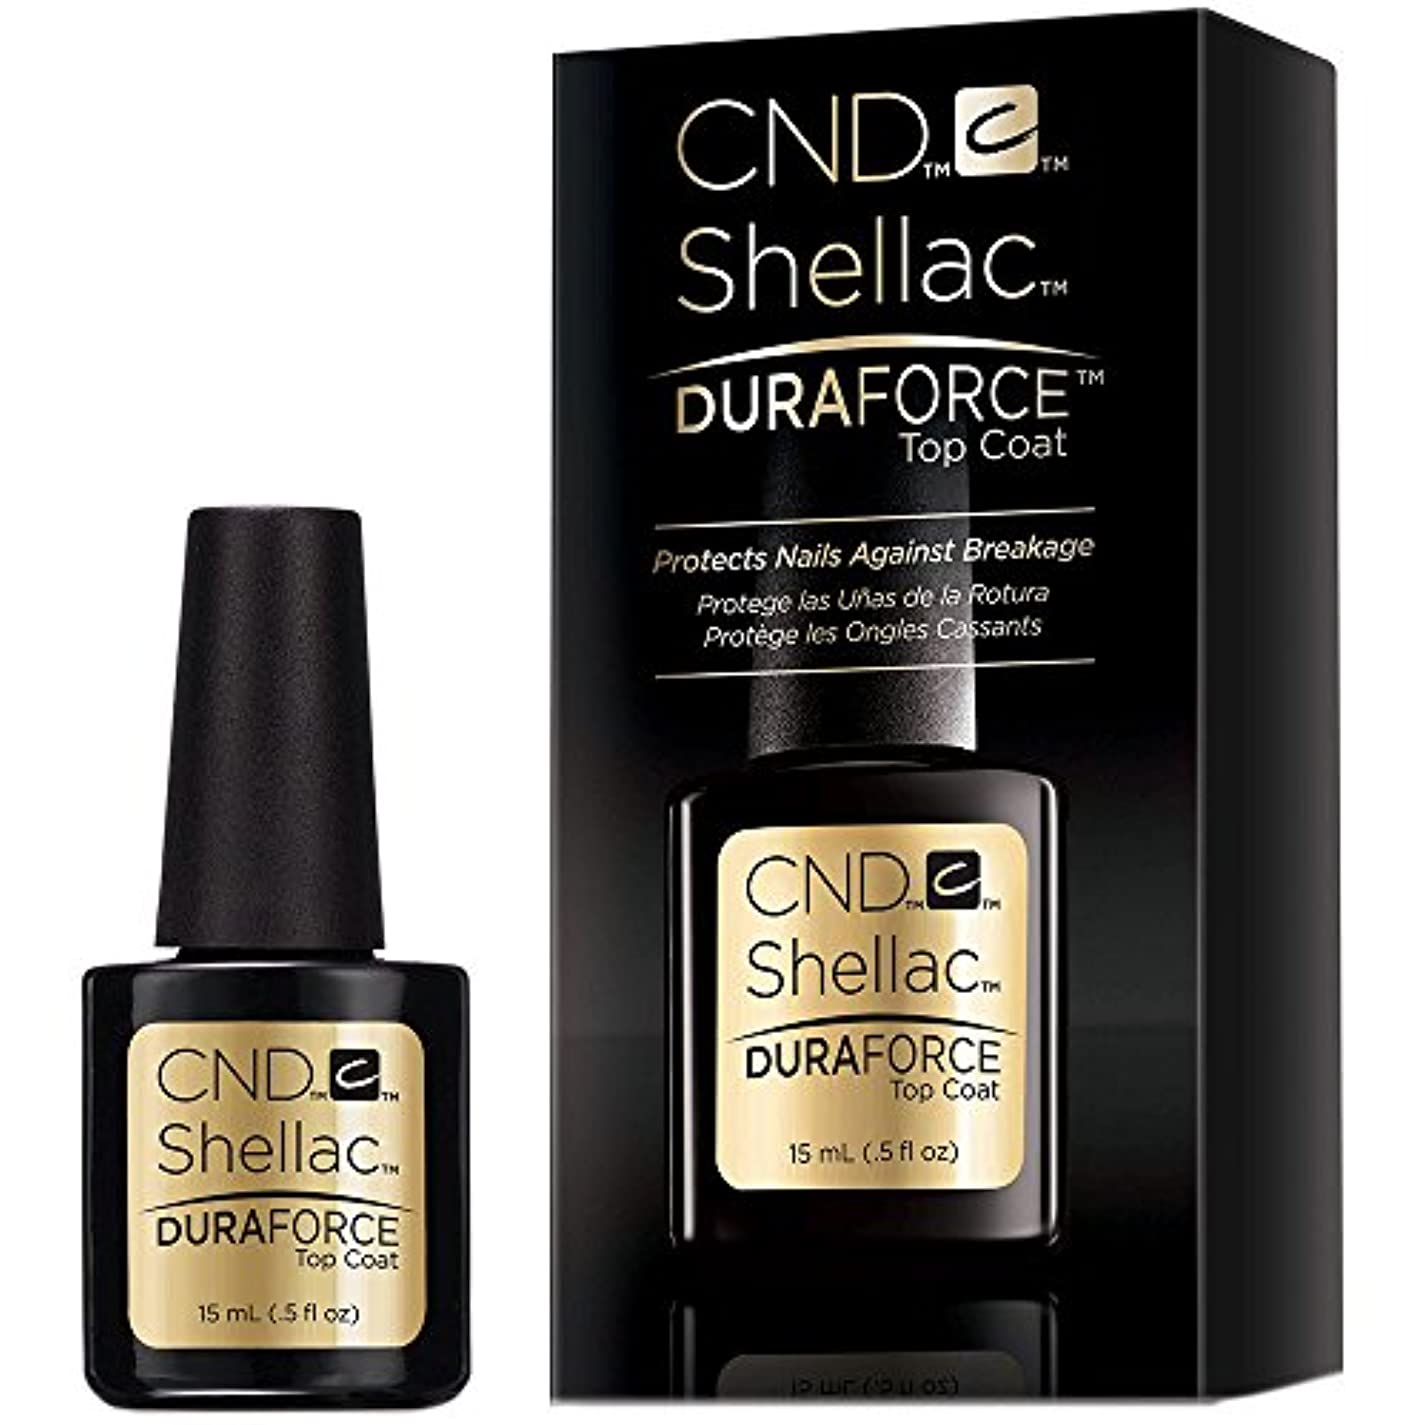 対応靴見かけ上CND Shellac Gel Polish - Duraforce Top Coat - 0.5oz / 15ml